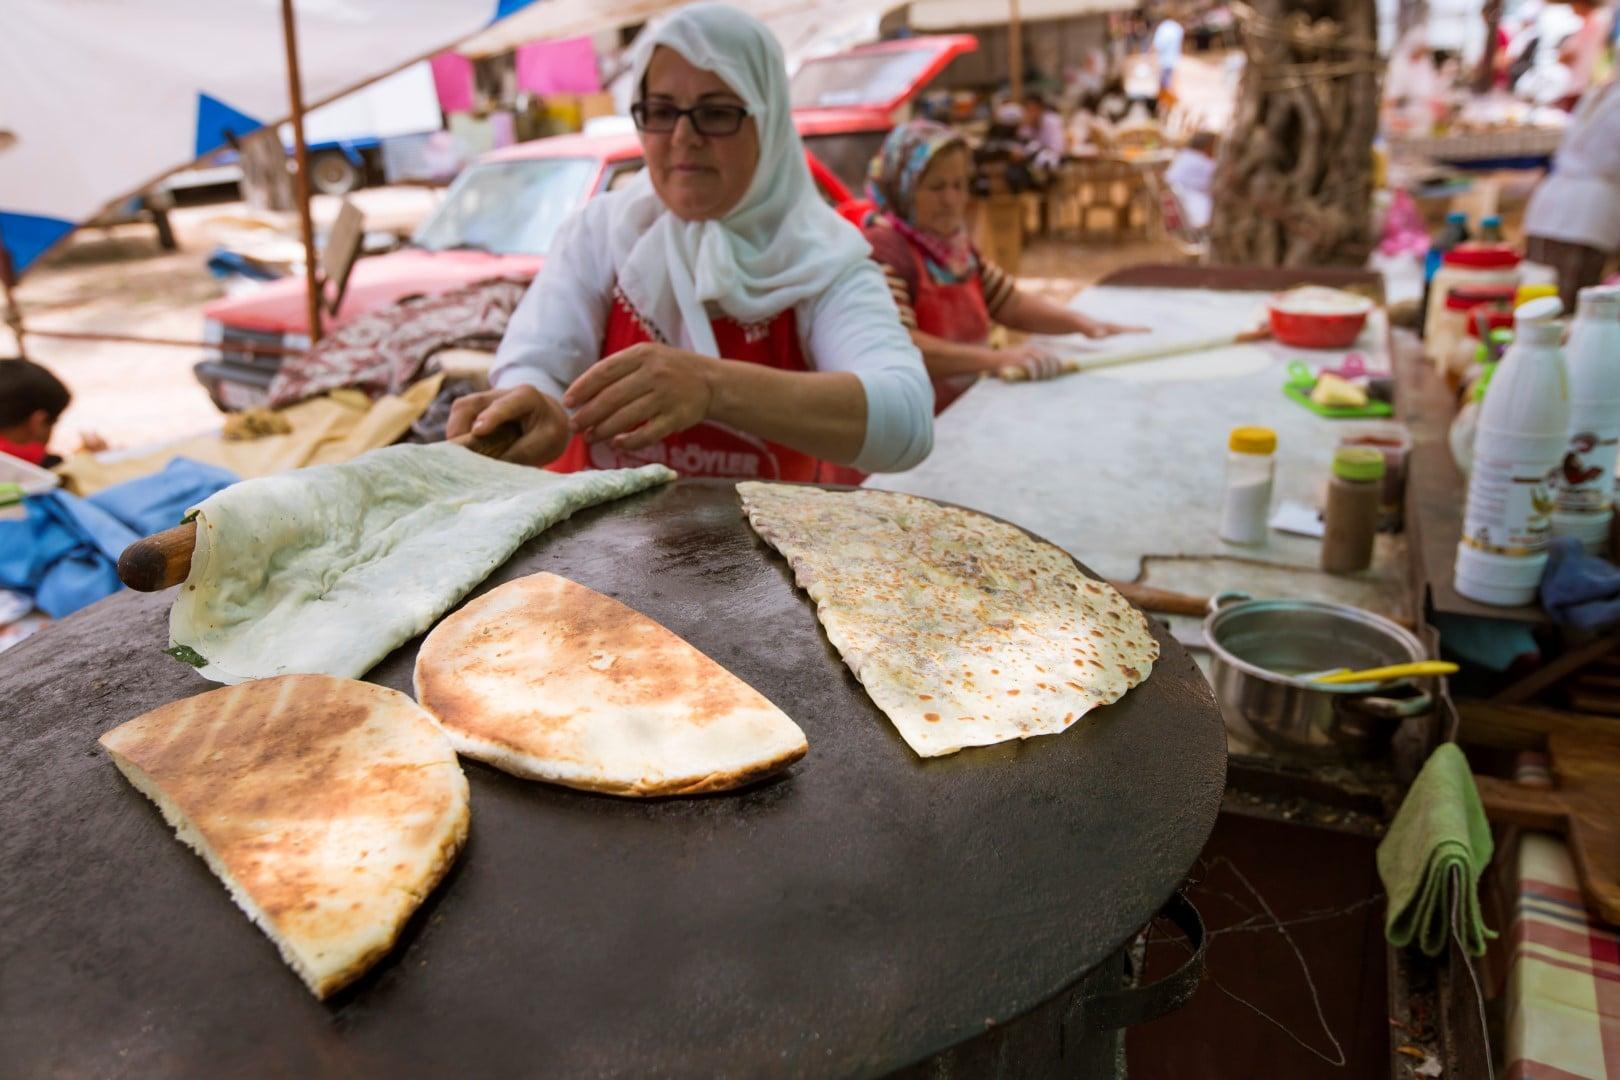 Kaş'ta Ne Yenir, Ne İçilir? Kaş Yemek Kültürü #11174